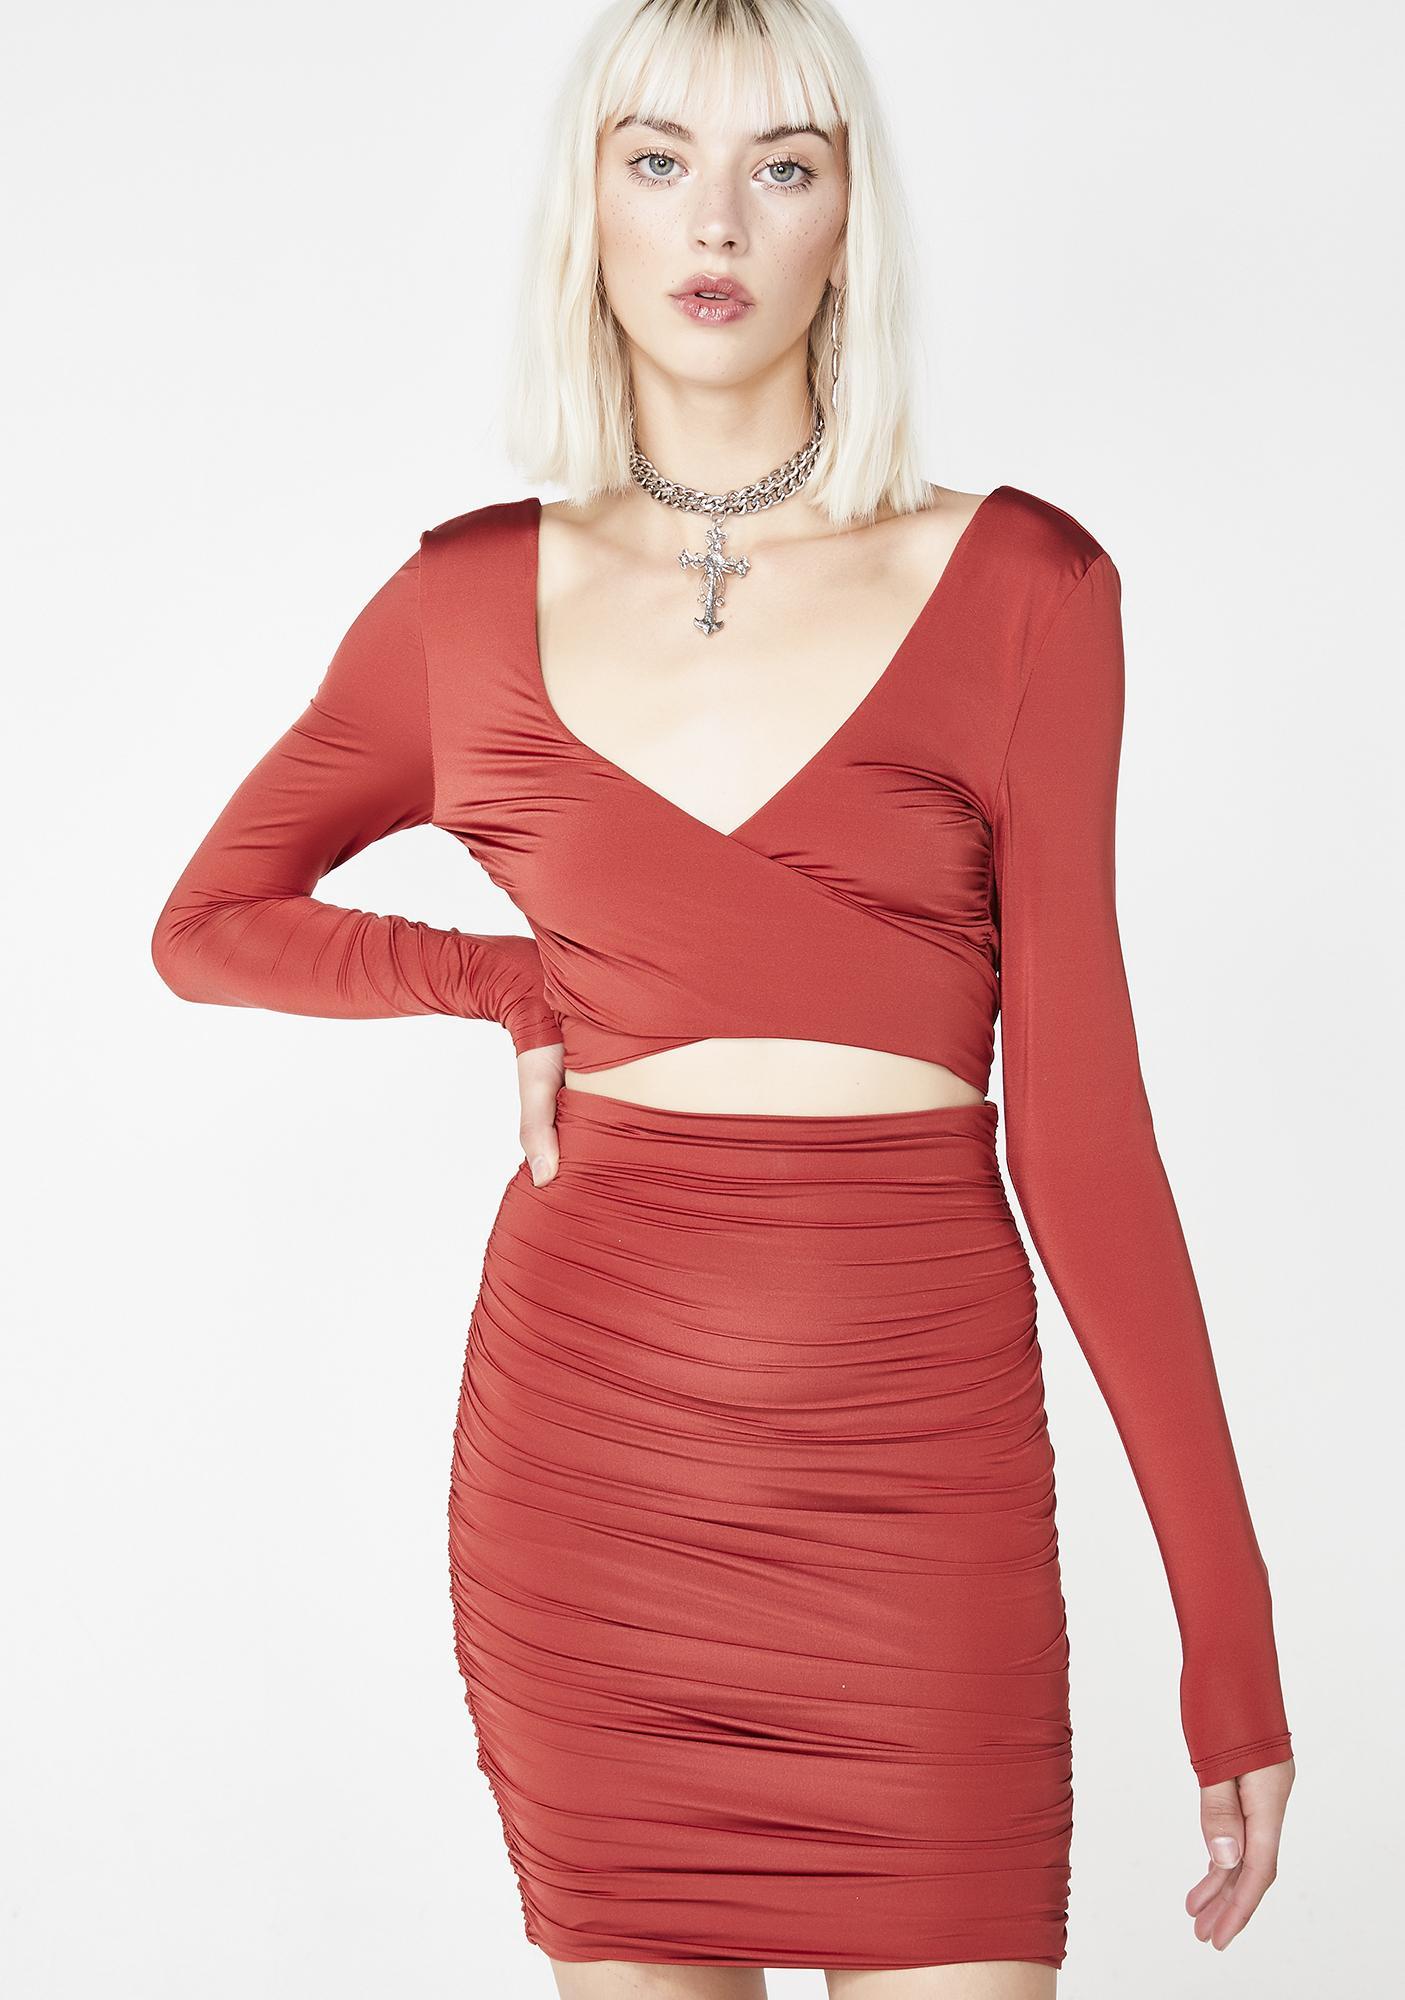 Tiger Mist Lily Dress